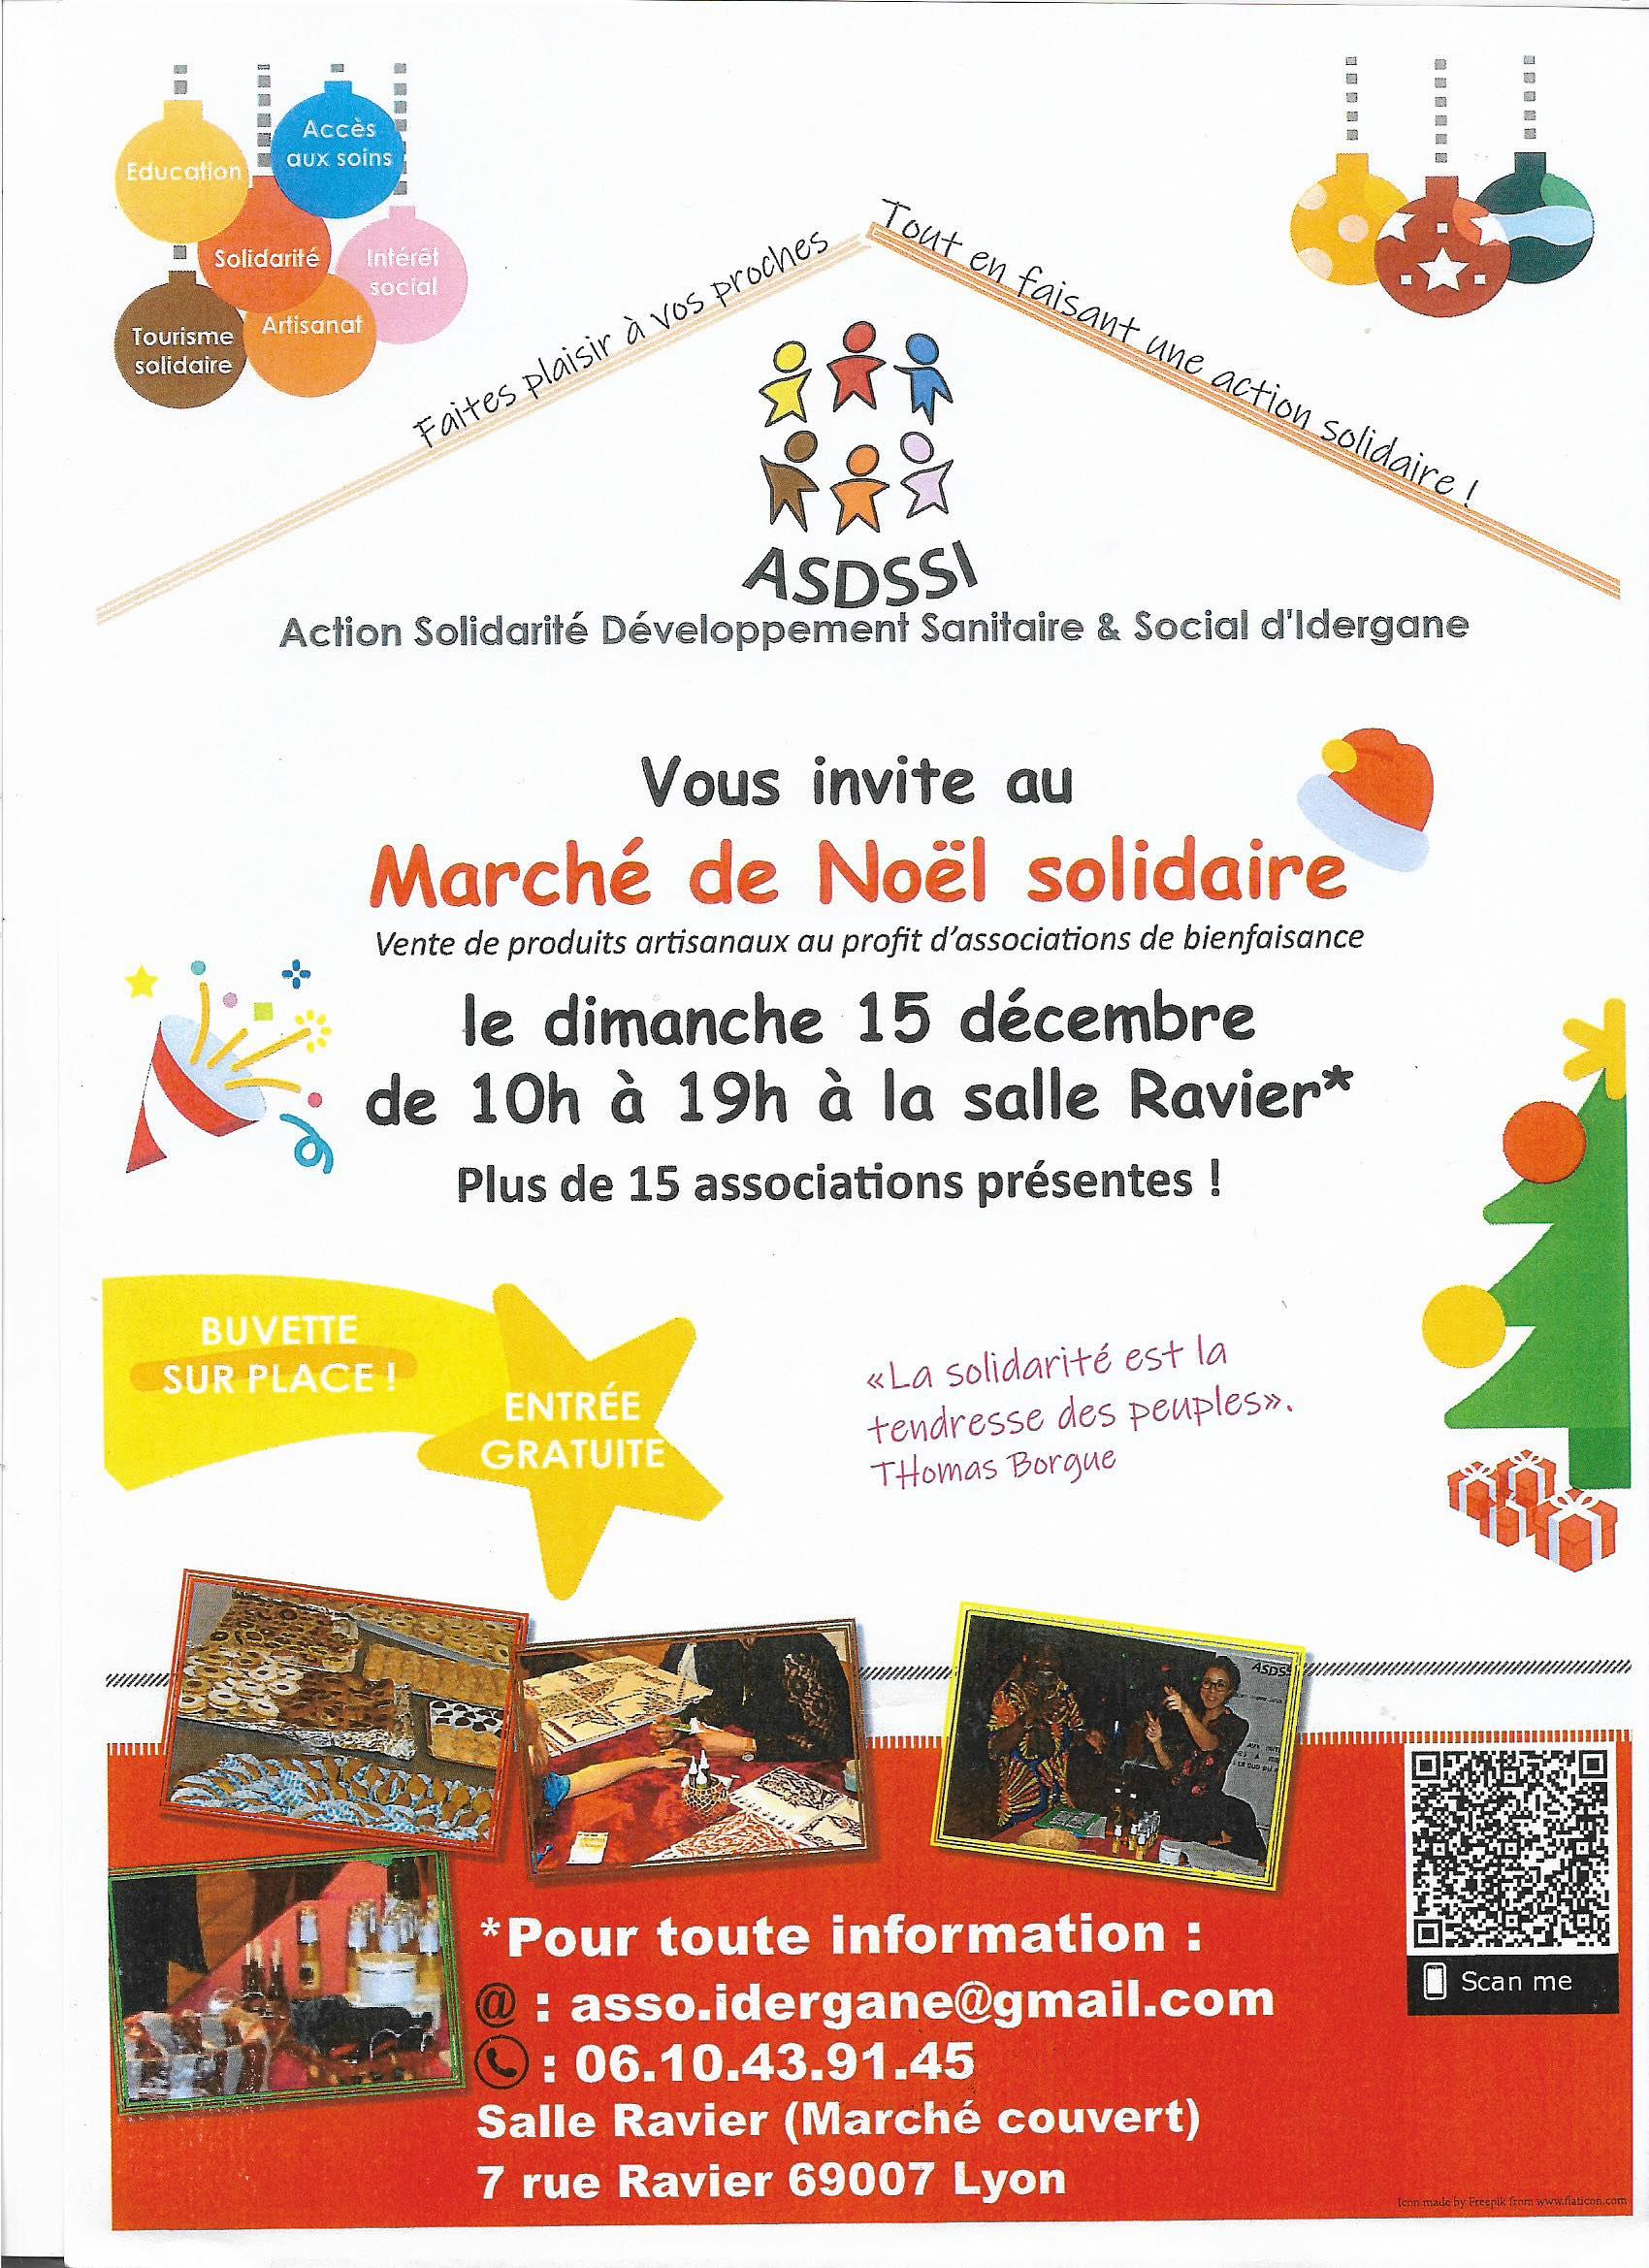 Marché de Noël associatif et solidaire organisé par l'ASDSSI